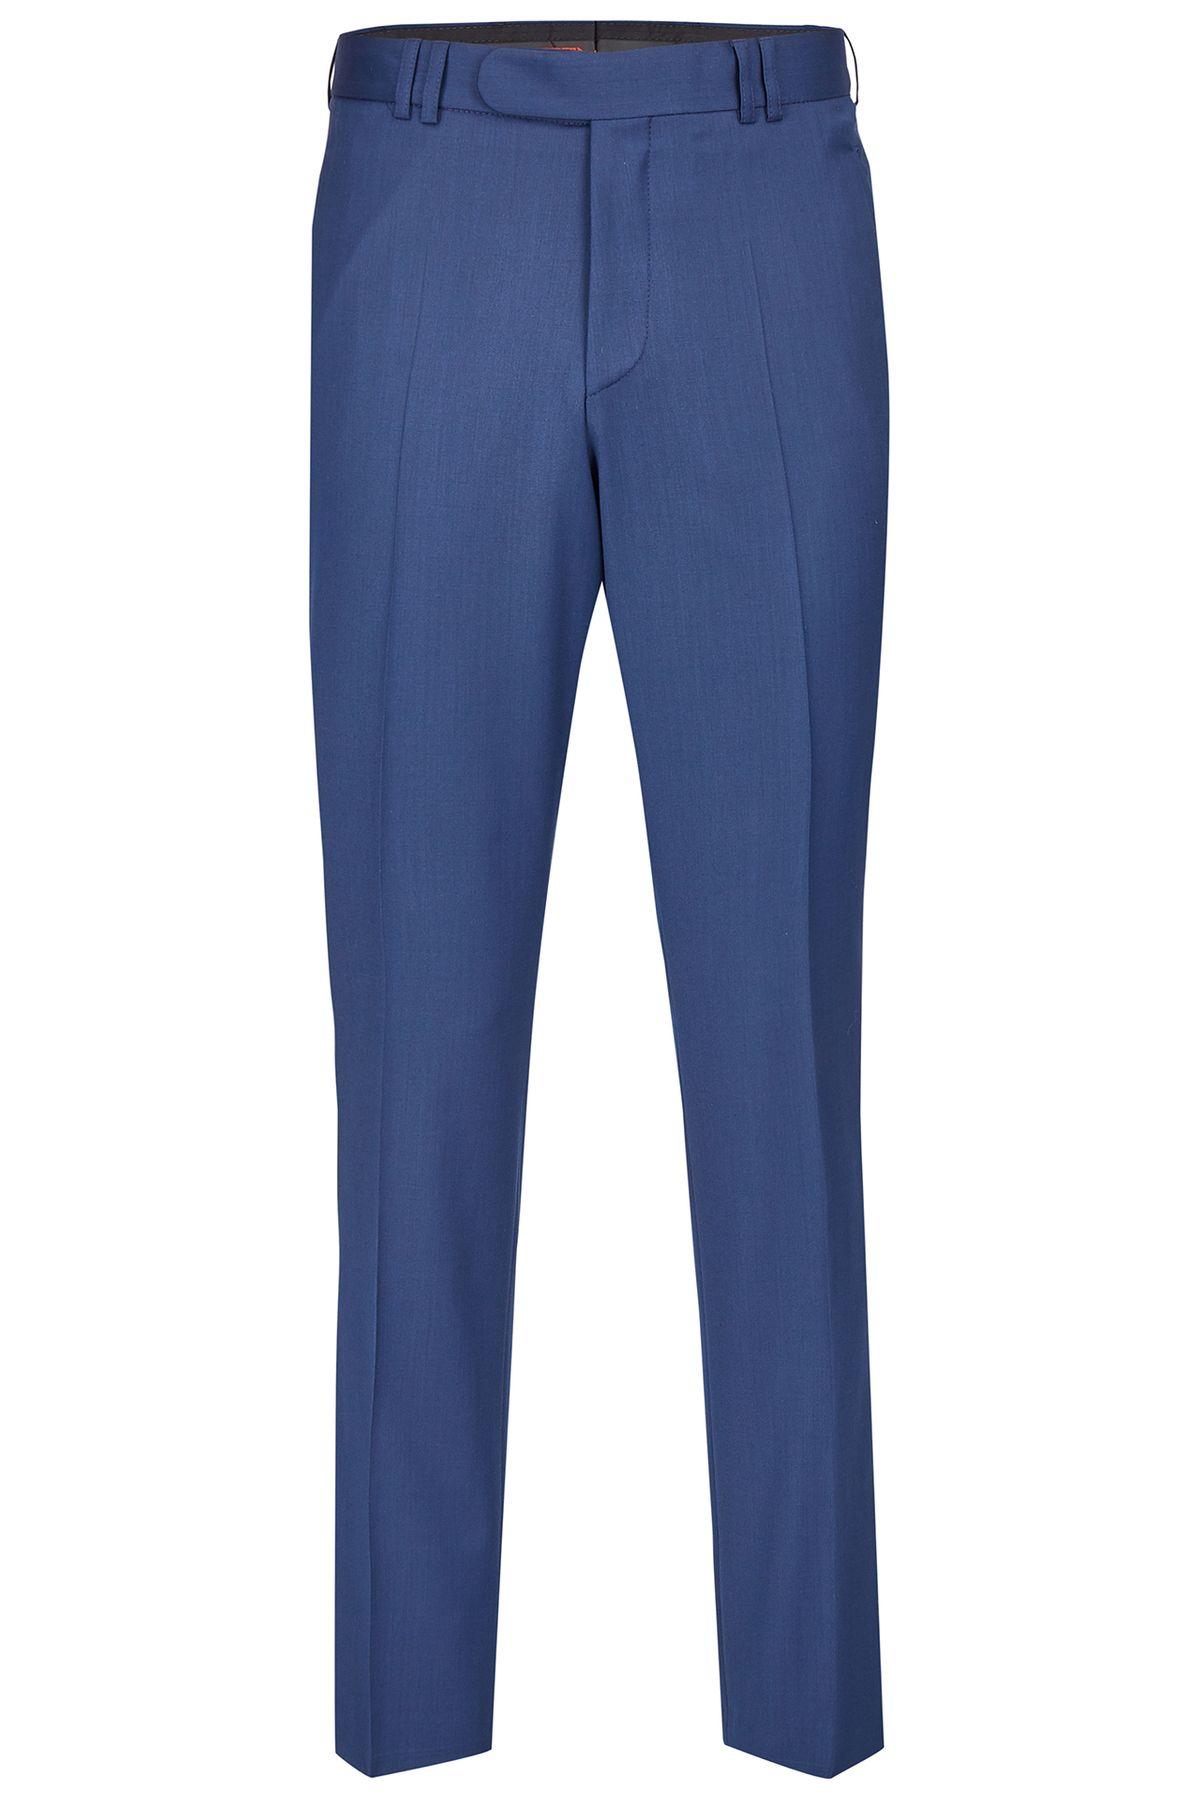 Wilvorst - Festlicher Anzug Baukasten Hose in Schwarz und Blau (561208 Modell 513) – Bild 4